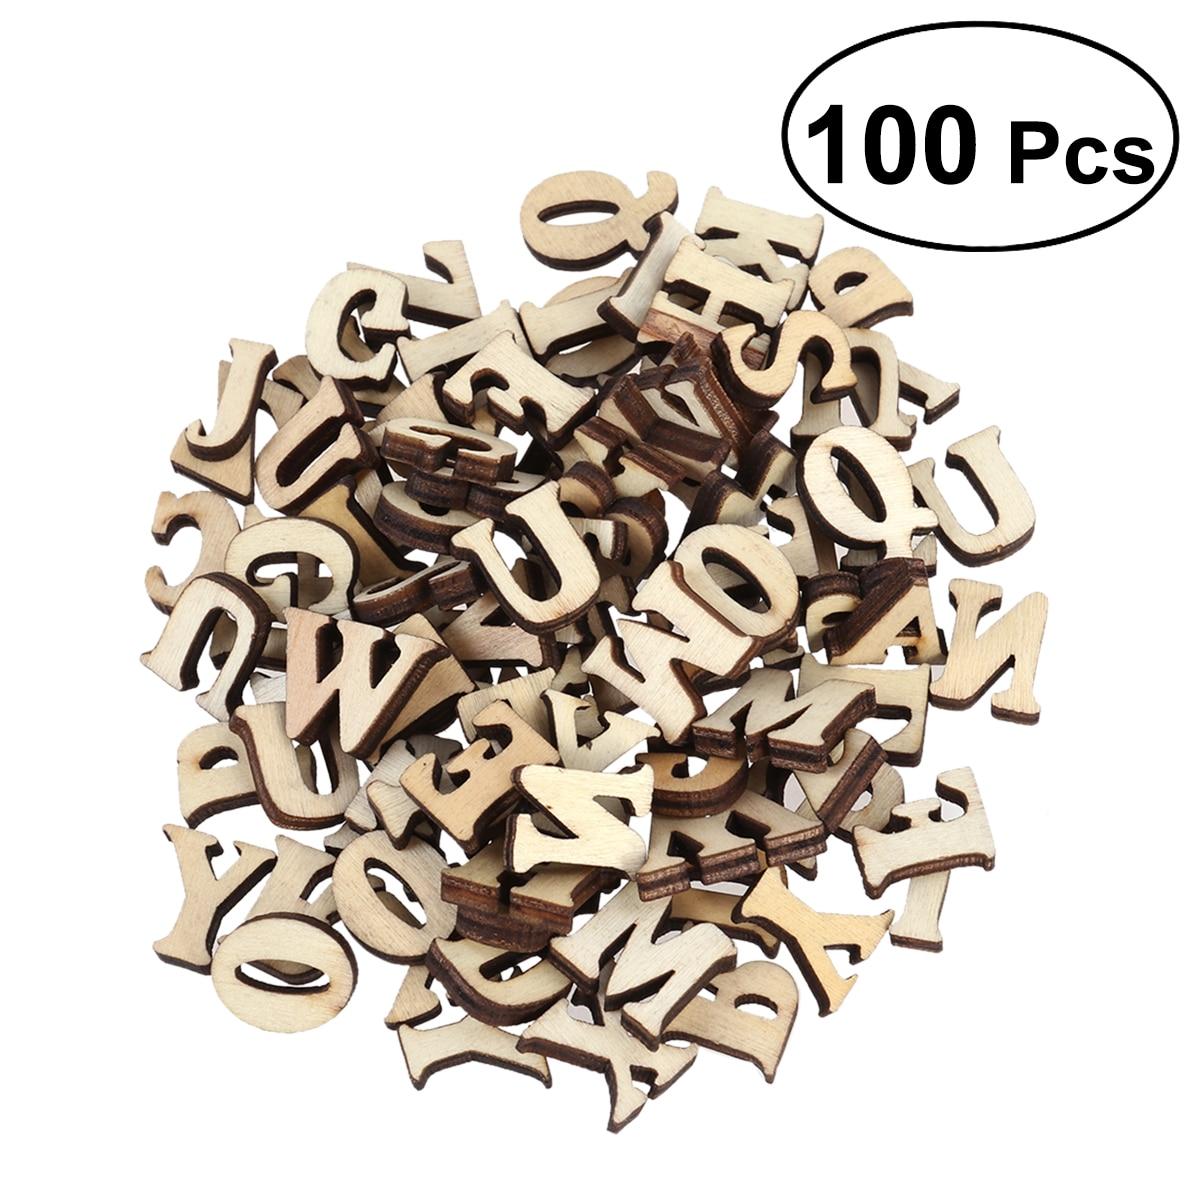 50/100 Uds. Discos de corte de madera mayúsculas letras mayúsculas de madera sin terminar para Patchwork artes de colección de recortes artesanías